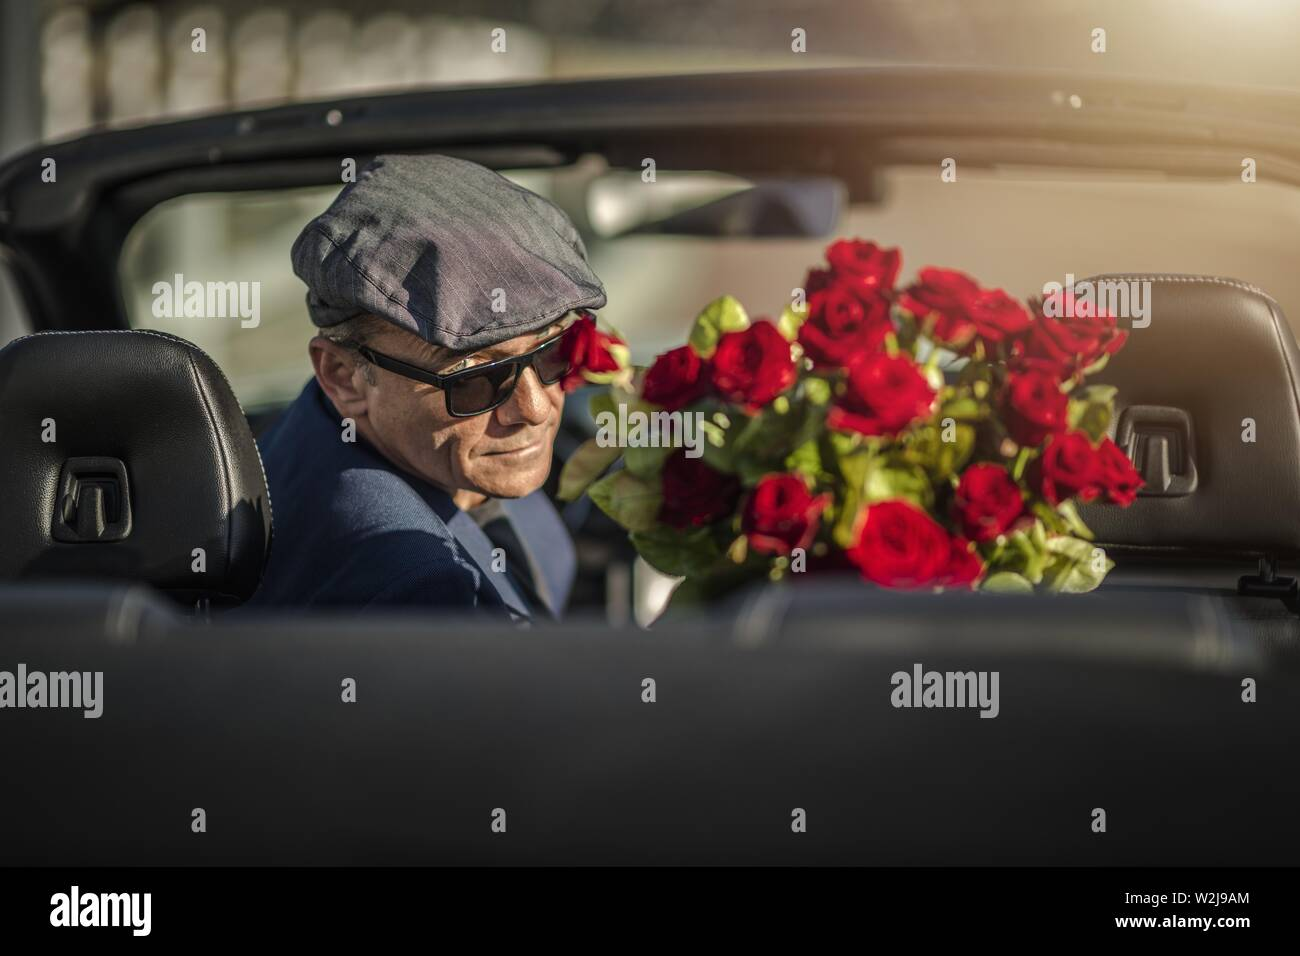 Sugar Daddy rencontres site UK 26Al rencontres